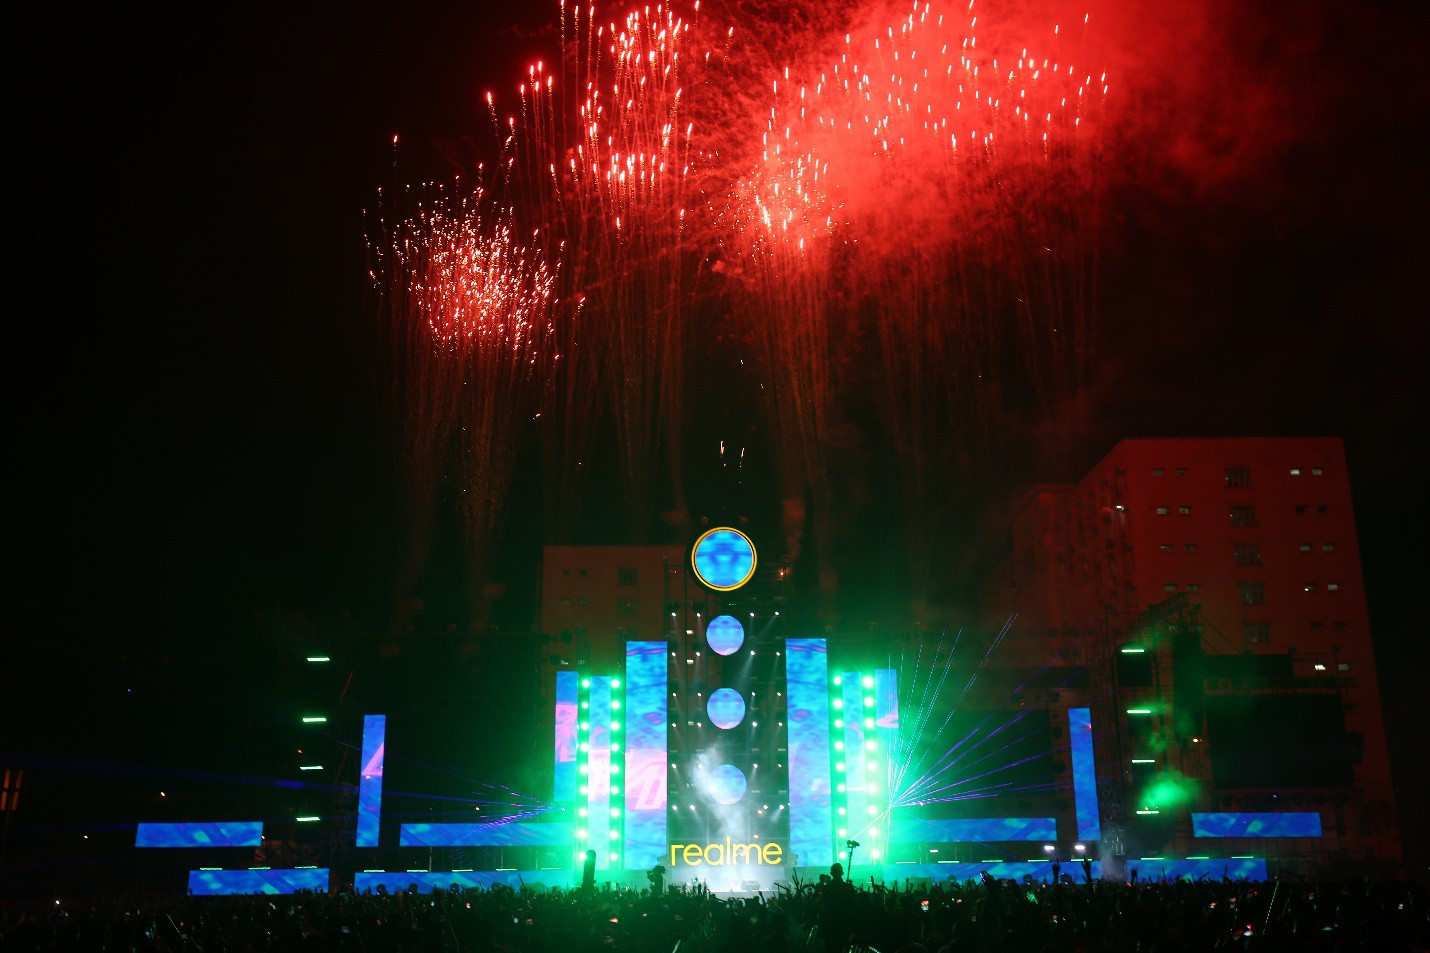 Những khoảnh khắc đáng nhớ của đêm nhạc hội Realme: Trúc Nhân, Jack & K-ICM, Amee... và 30.000 trái tim cùng hòa chung một nhịp đập âm nhạc - Ảnh 2.